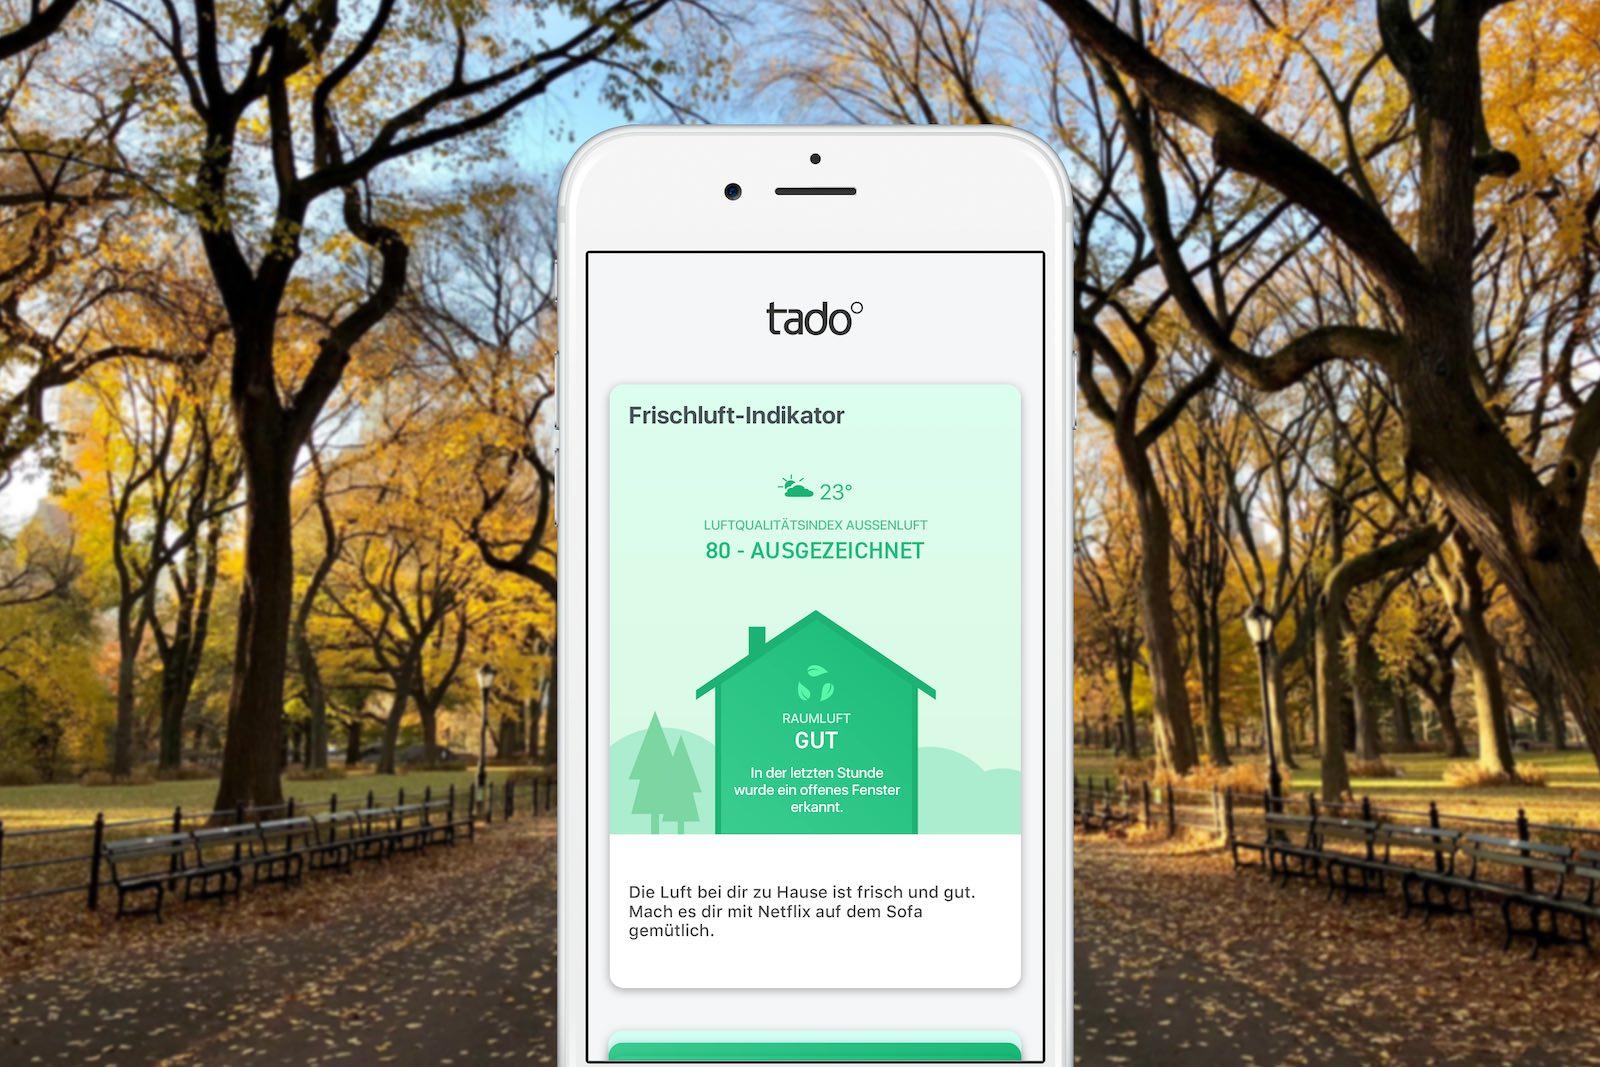 tado° App gibt Tipps für bessere Raumluft